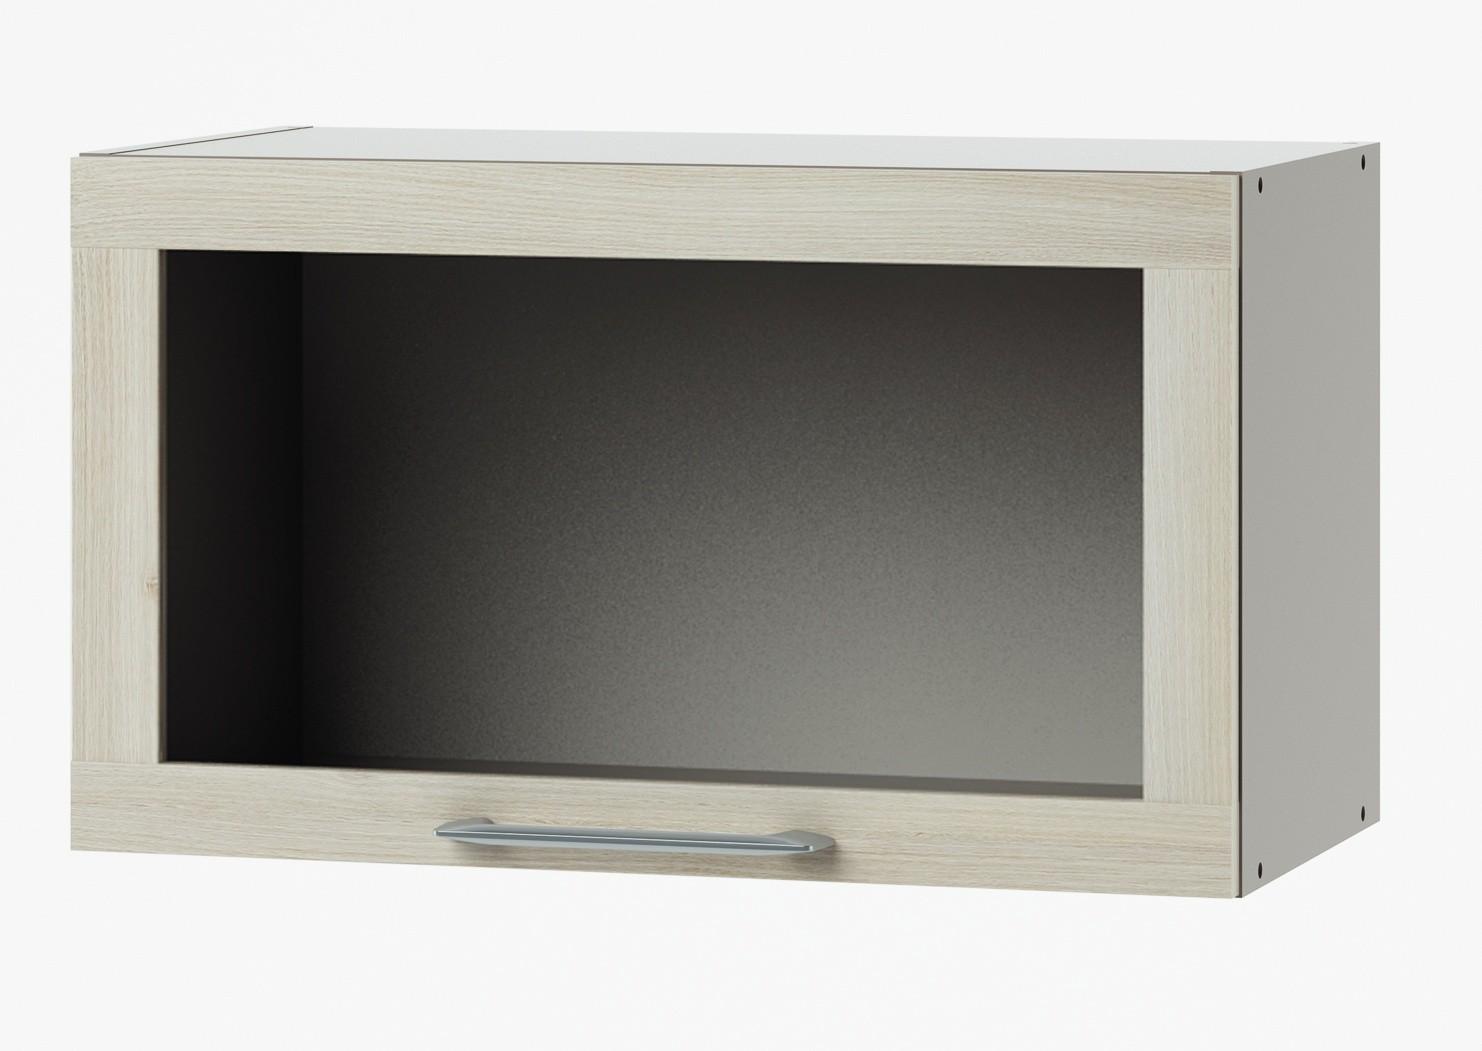 Meuble haut cuisine vitré cdiscount - Idée pour cuisine